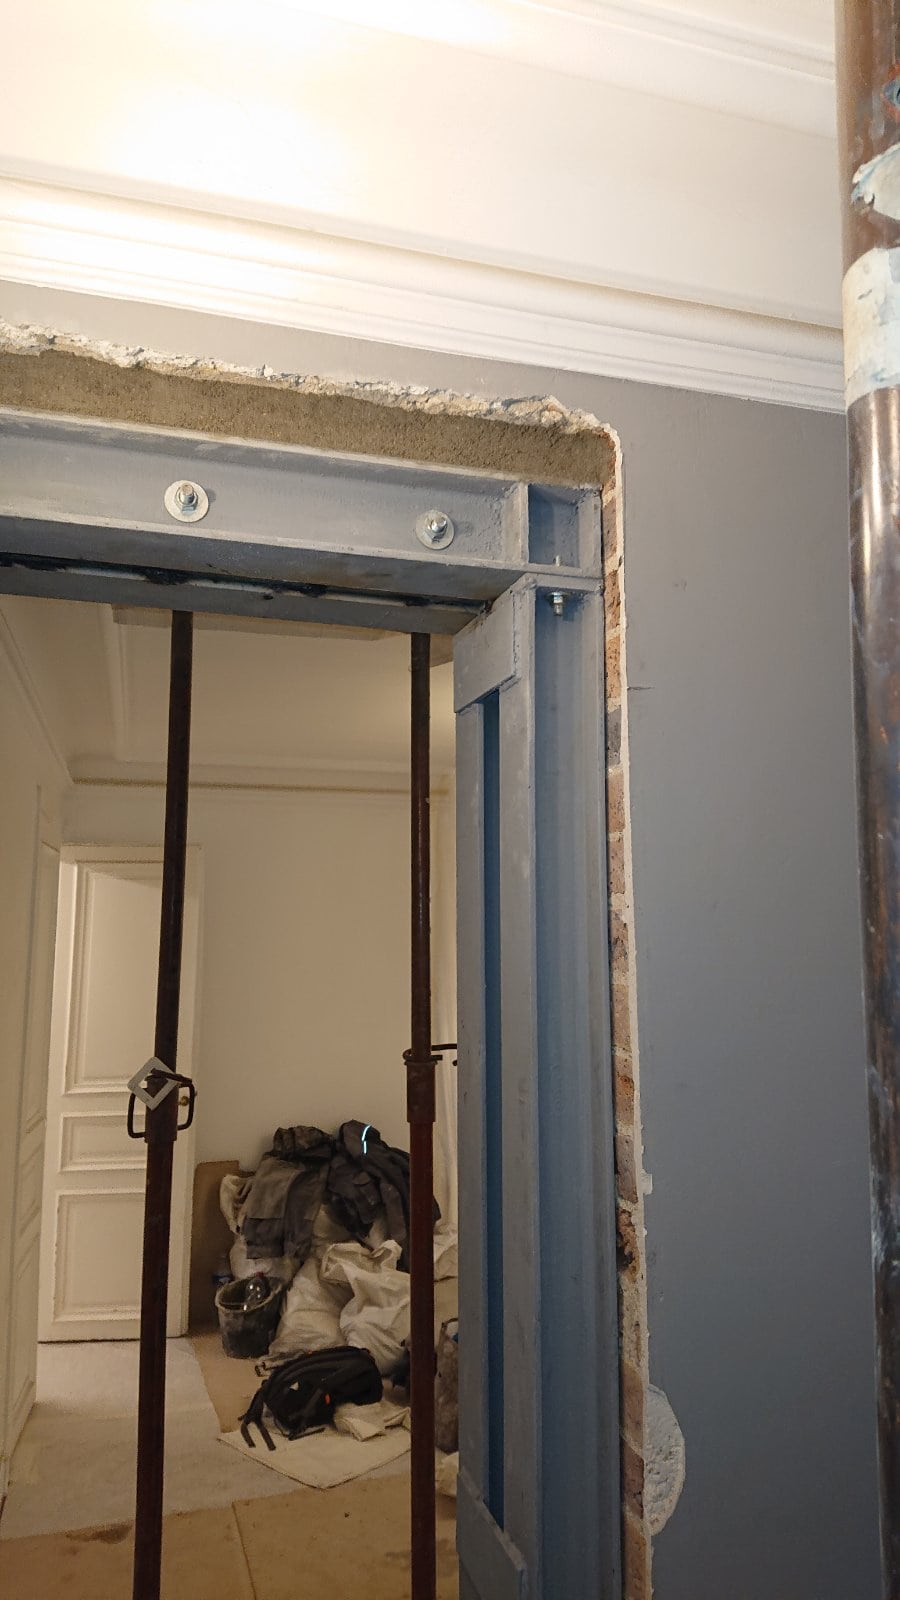 Ouverture de porte dans le mur porteur à Cergy-Pontoise. Renforcement par structure métallique. - Murs porteurs